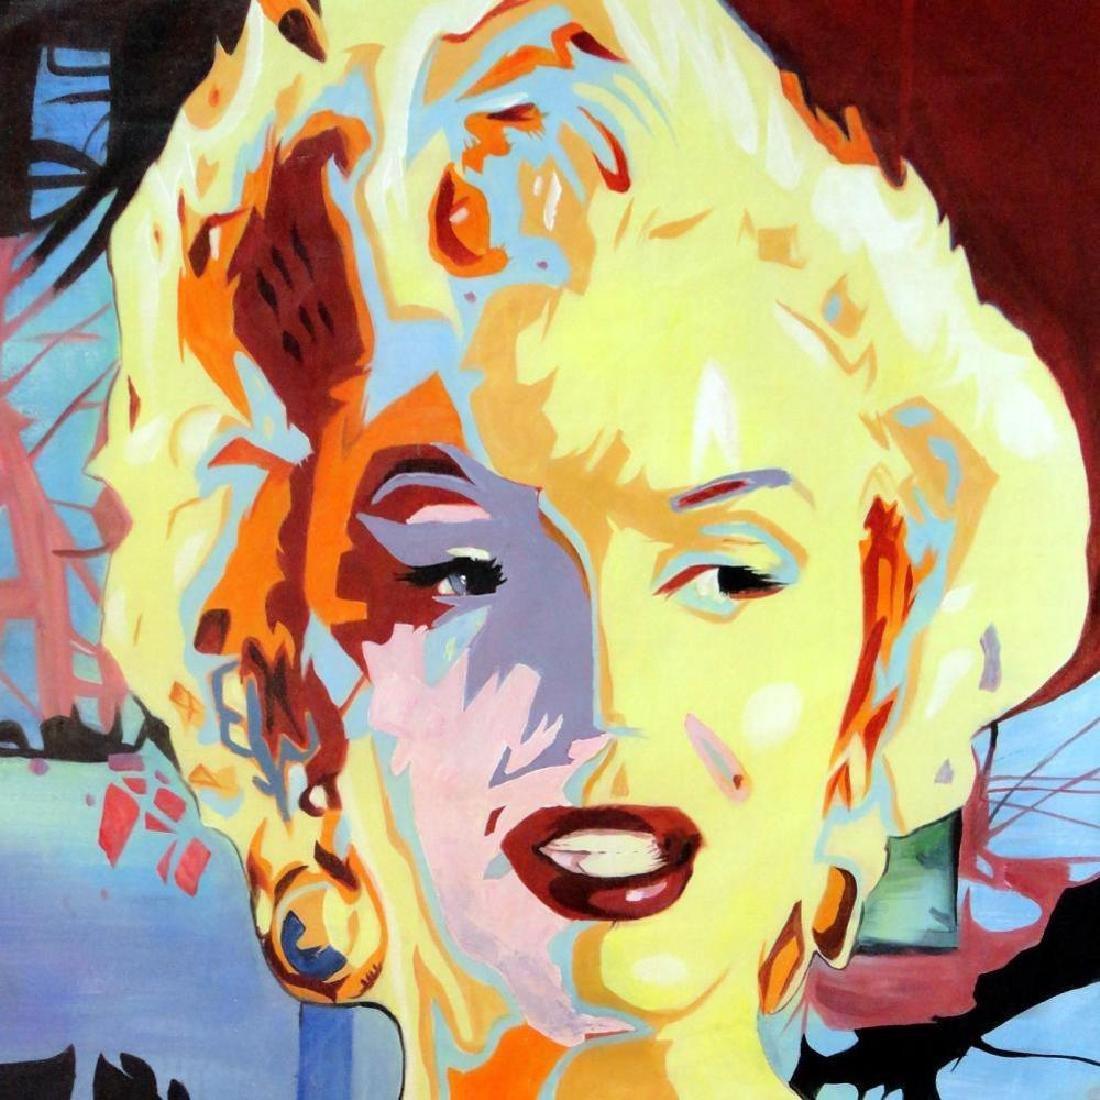 Warhol Inspired Marilyn Monroe Original Painting on - 4